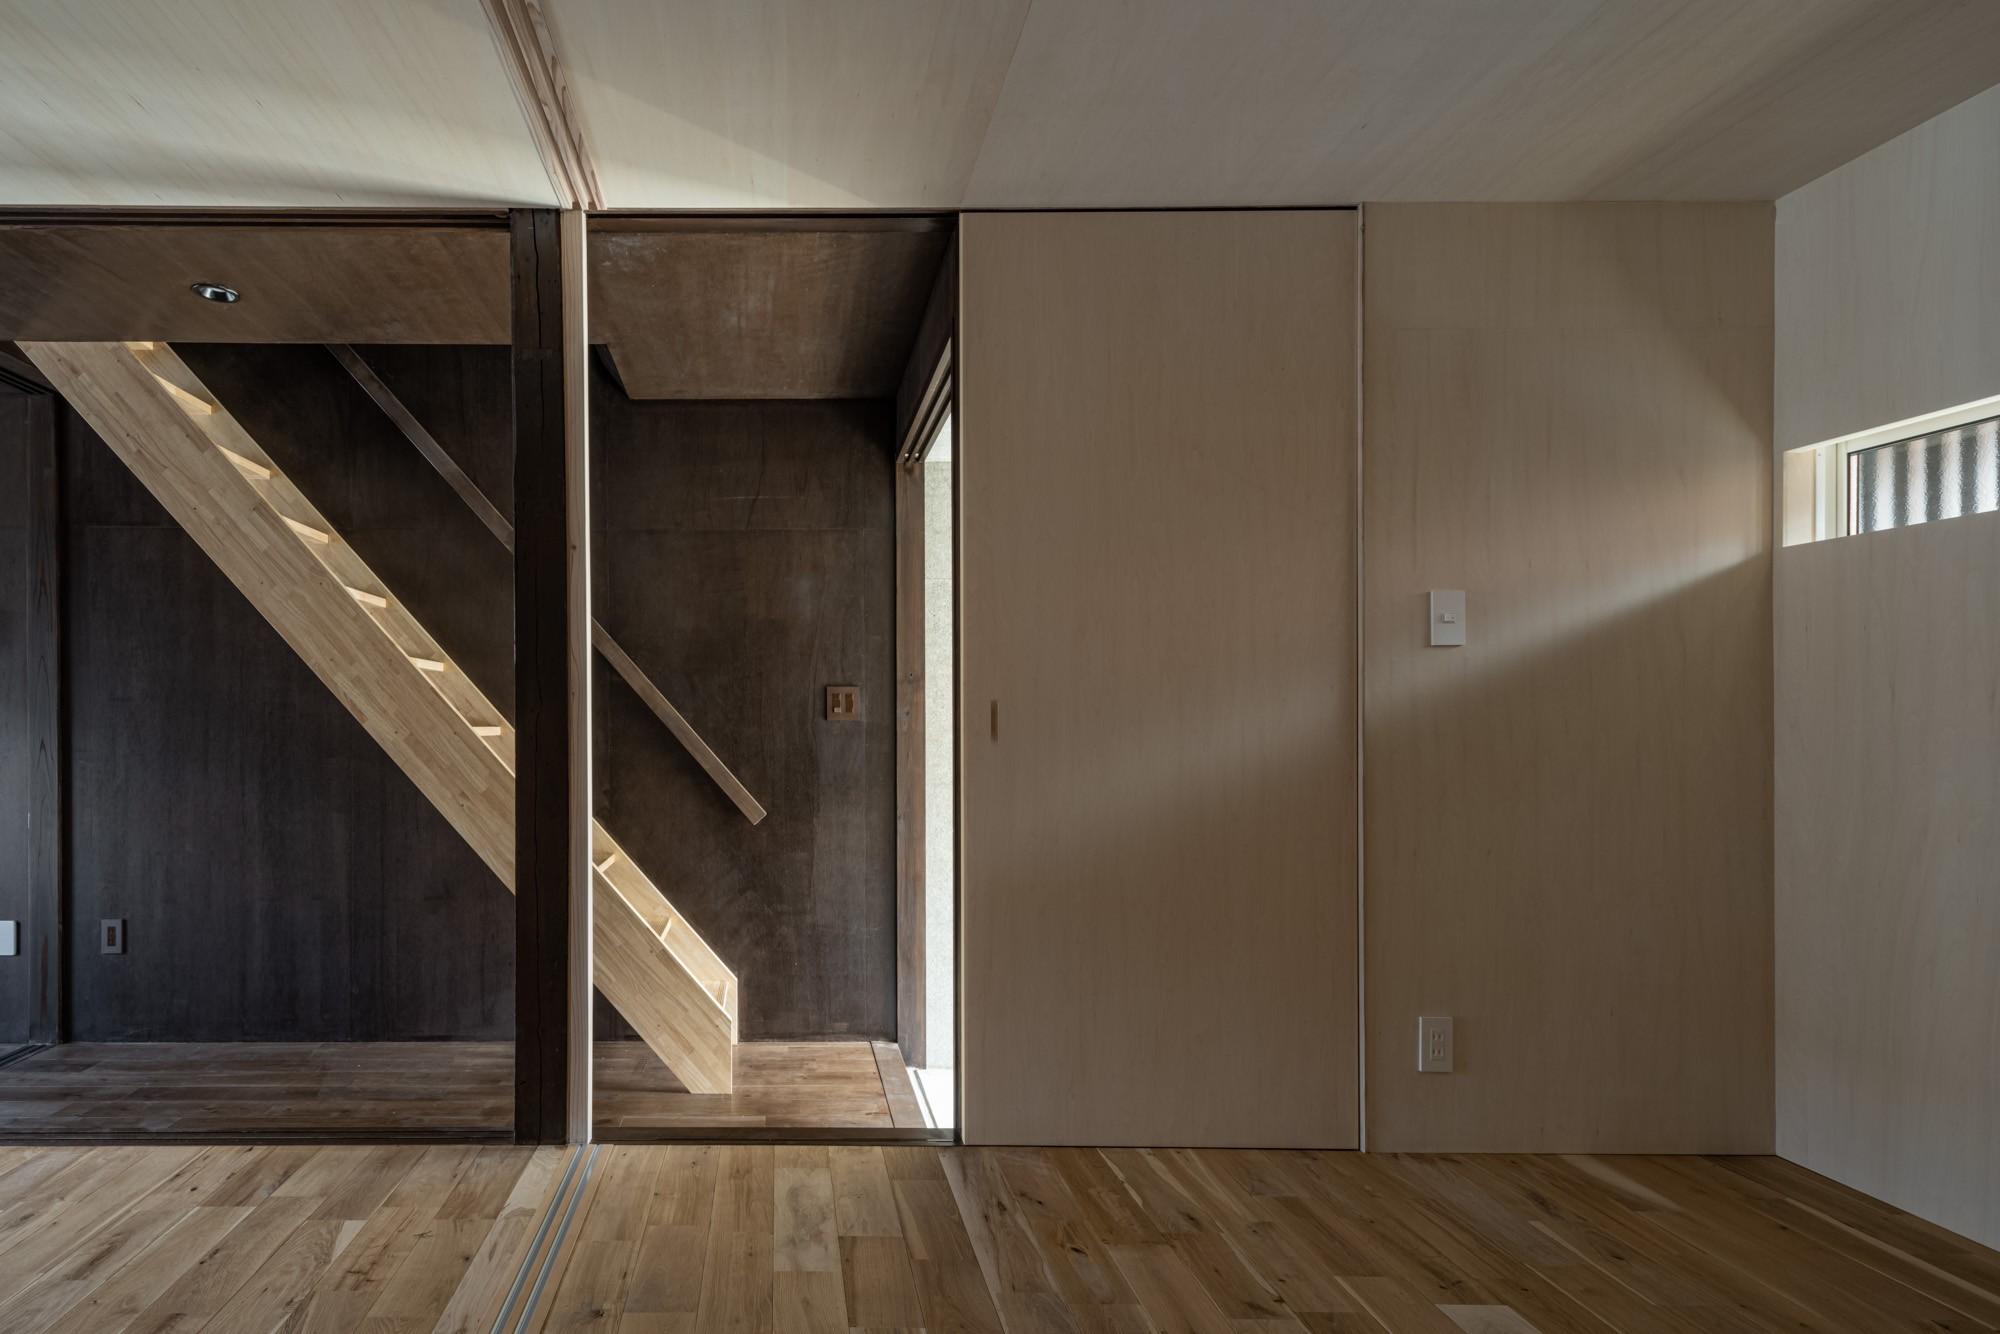 その他事例:玄関横の部屋から階段をみる /光を抑制した空間はシナ合板で明るく設えている。(『RE長屋‐ITO2』~新:旧・モダン:和 のコラボ~(古民家再生))